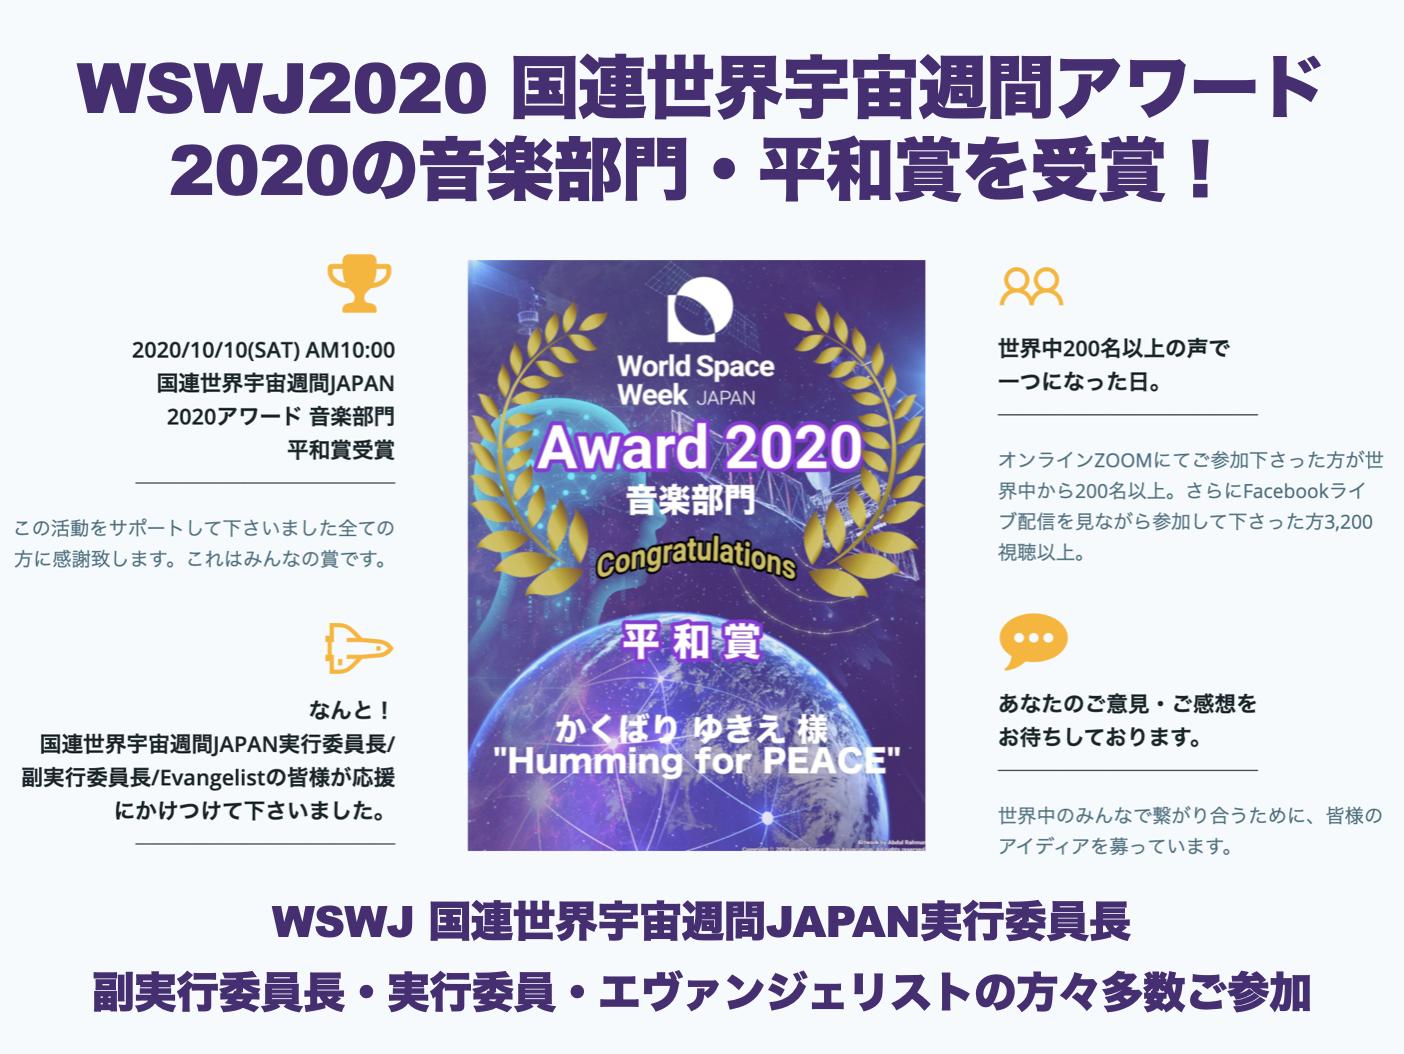 Humming for PEACEとは(ハミングフォーピースとは)日本発祥の平和活動・ハミングで世界平和国連世界宇宙週間とは